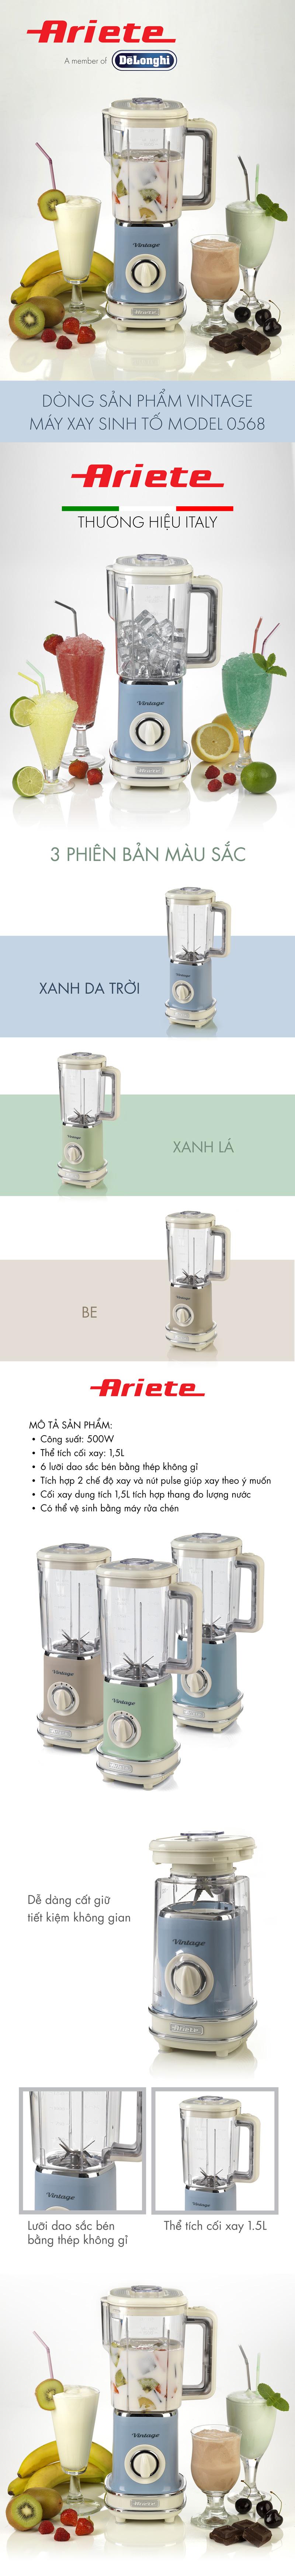 Máy Xay Sinh Tố Ariete MOD (Màu Xanh Lá Cây) 0568/04 (1.5 lít) - Hàng chính hãng